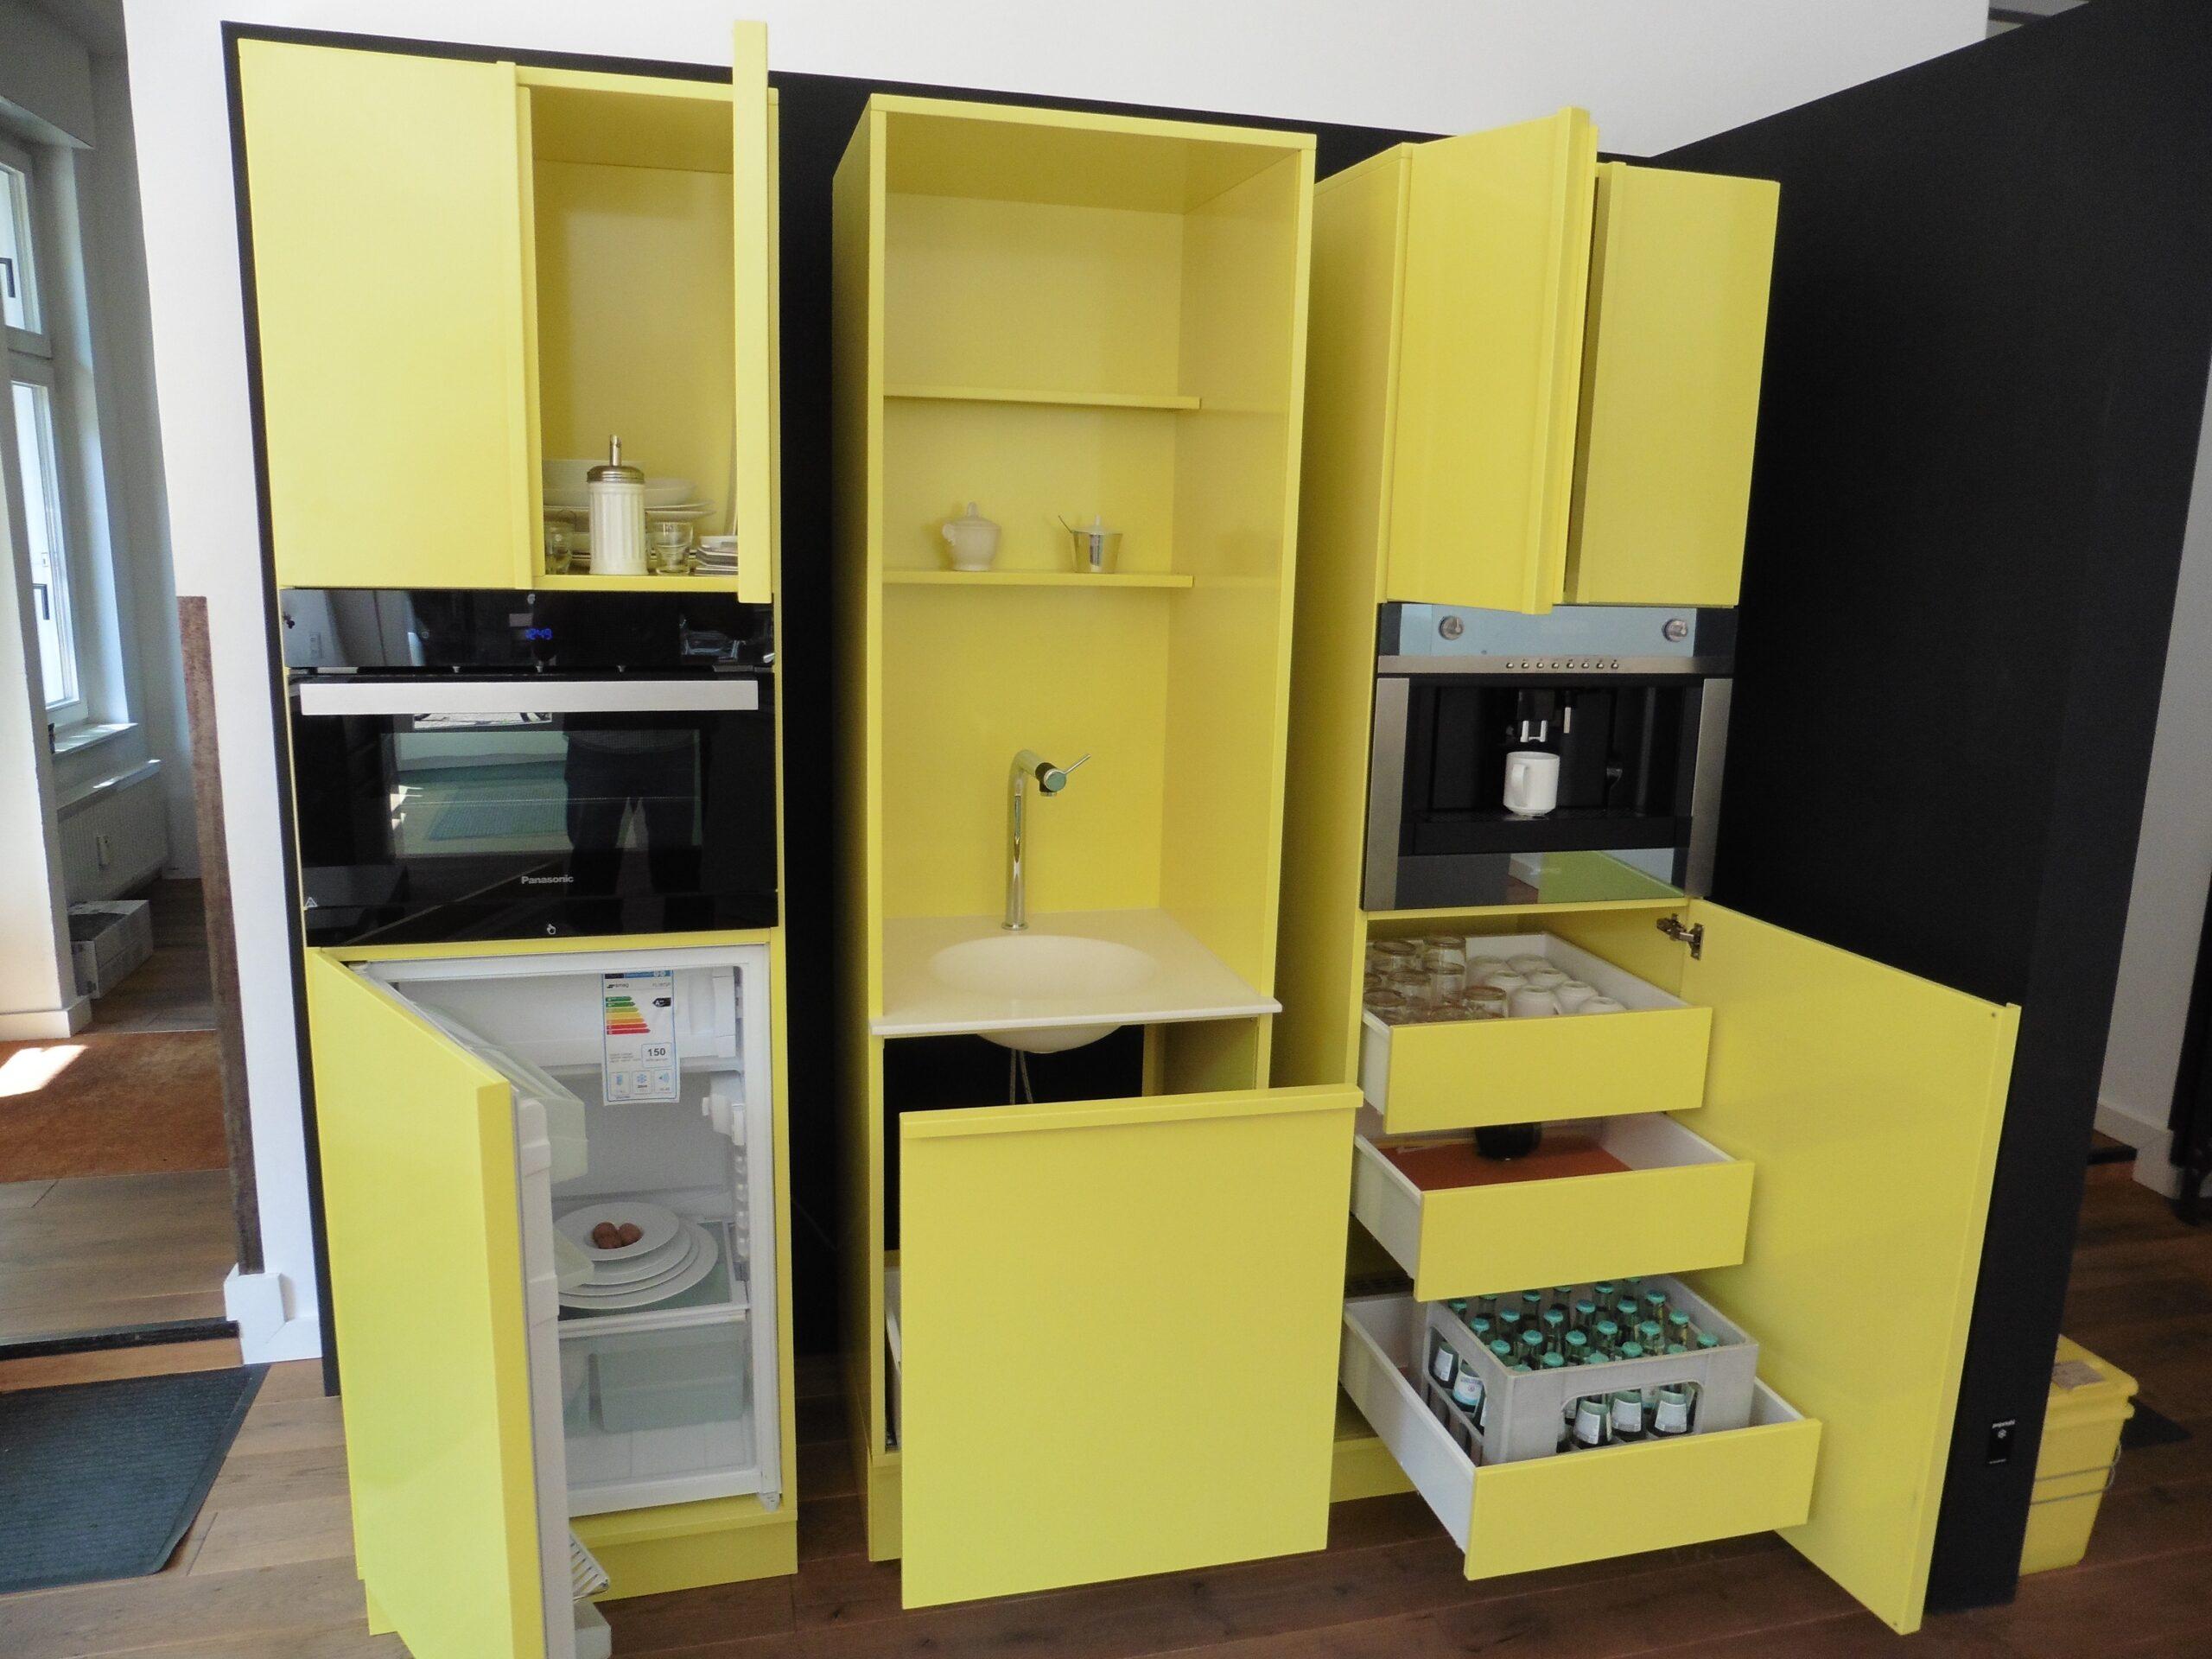 Full Size of Miniküche Gebraucht Popsale Popstahl Gebrauchte Regale Landhausküche Mit Kühlschrank Fenster Kaufen Edelstahlküche Ikea Chesterfield Sofa Einbauküche Wohnzimmer Miniküche Gebraucht